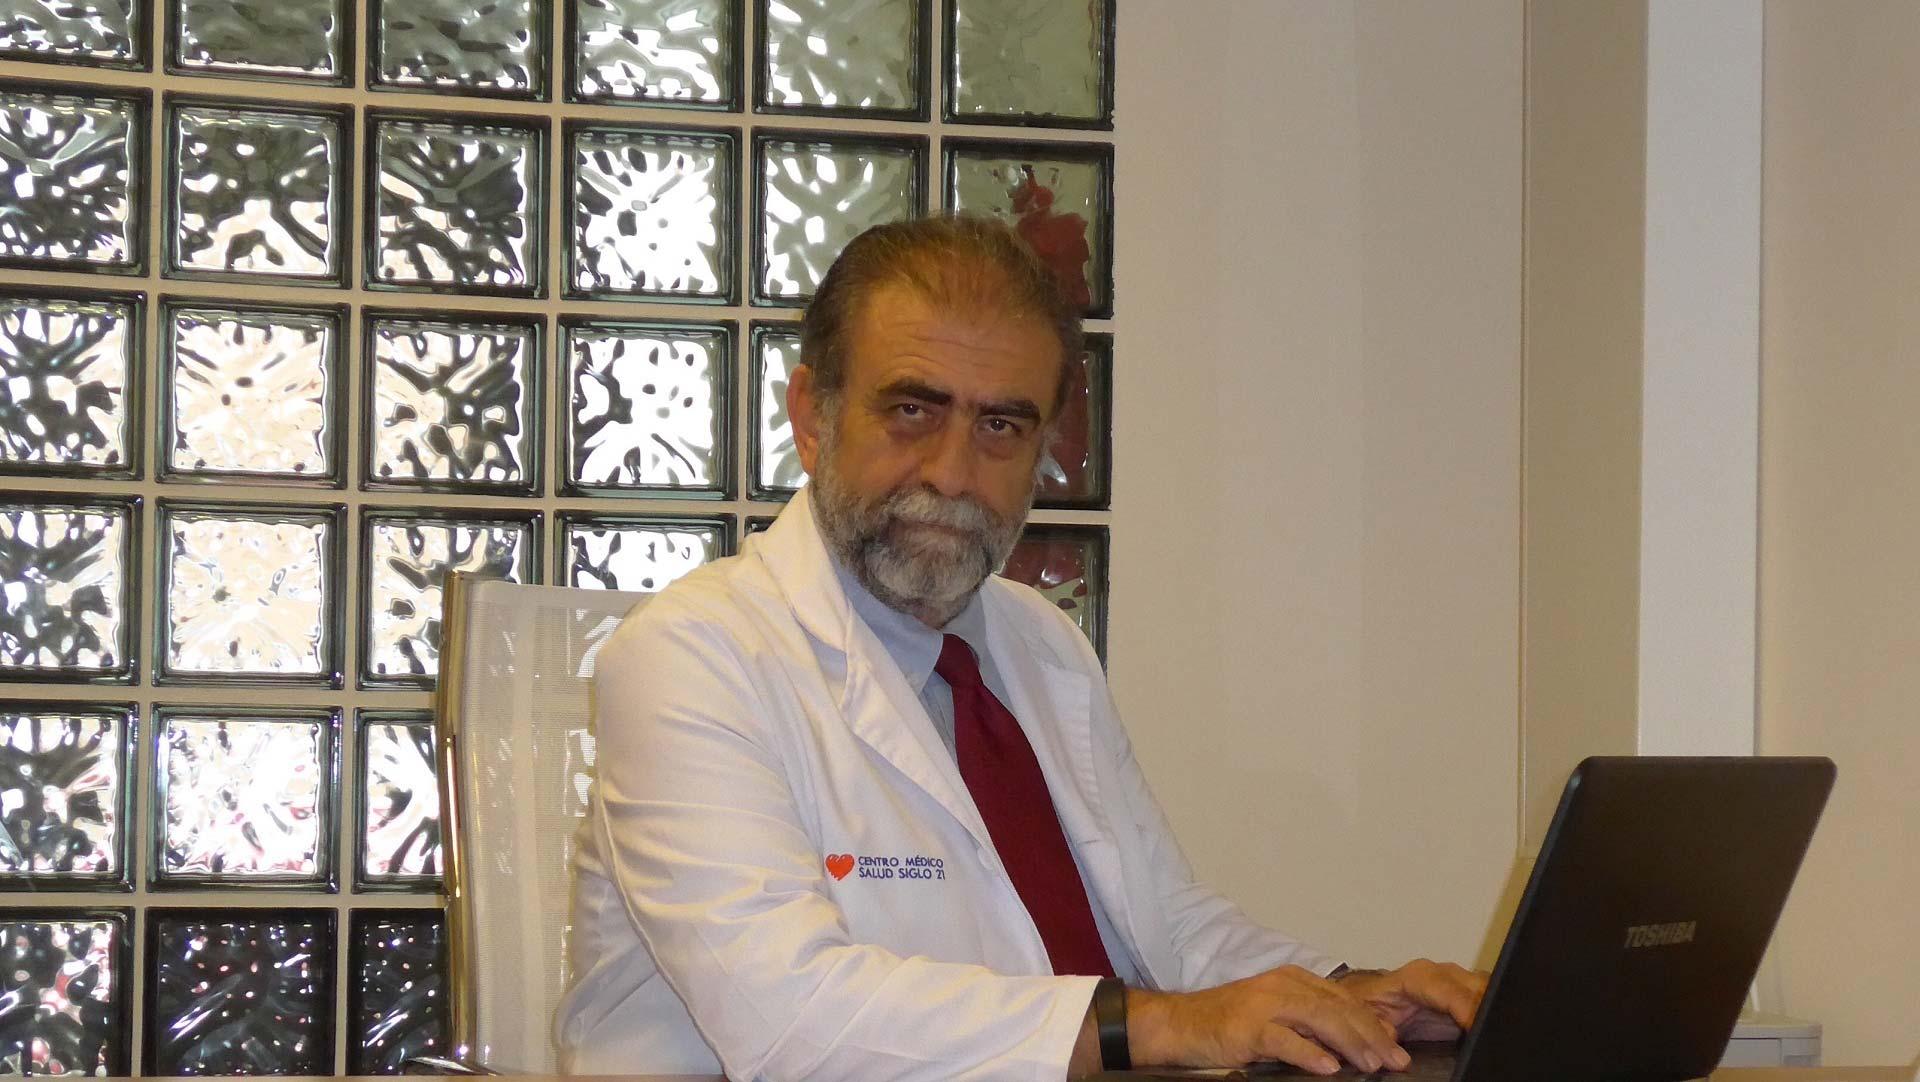 medico-nutricionista-online-dr-gely-sl-001